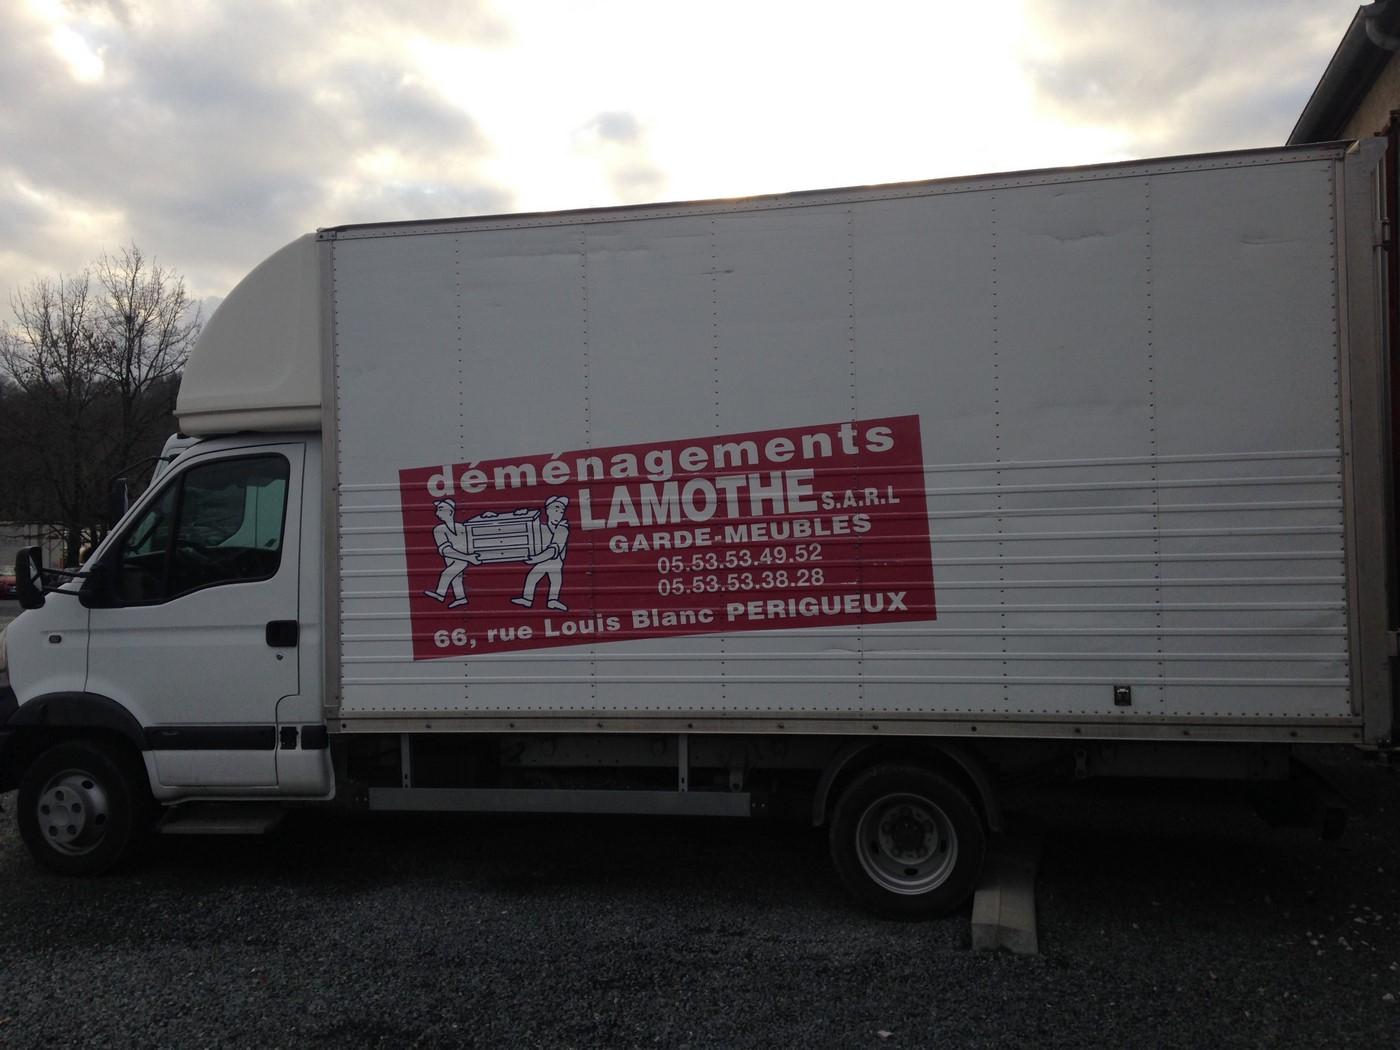 Particuliers Services Plus Demenagements Lamothe